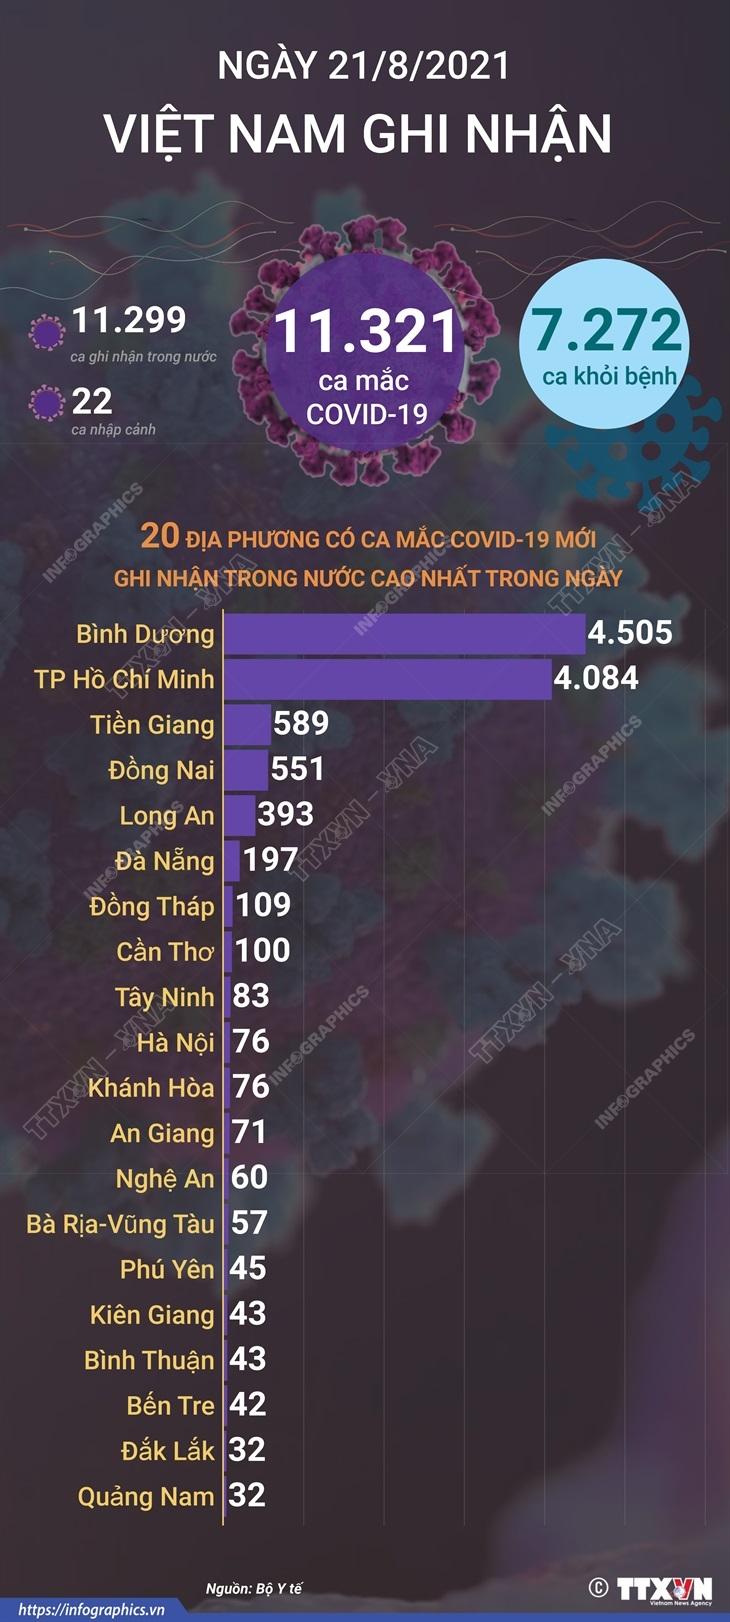 [Infographics] Them 7.272 benh nhan COVID-19 duoc cong bo khoi benh hinh anh 1